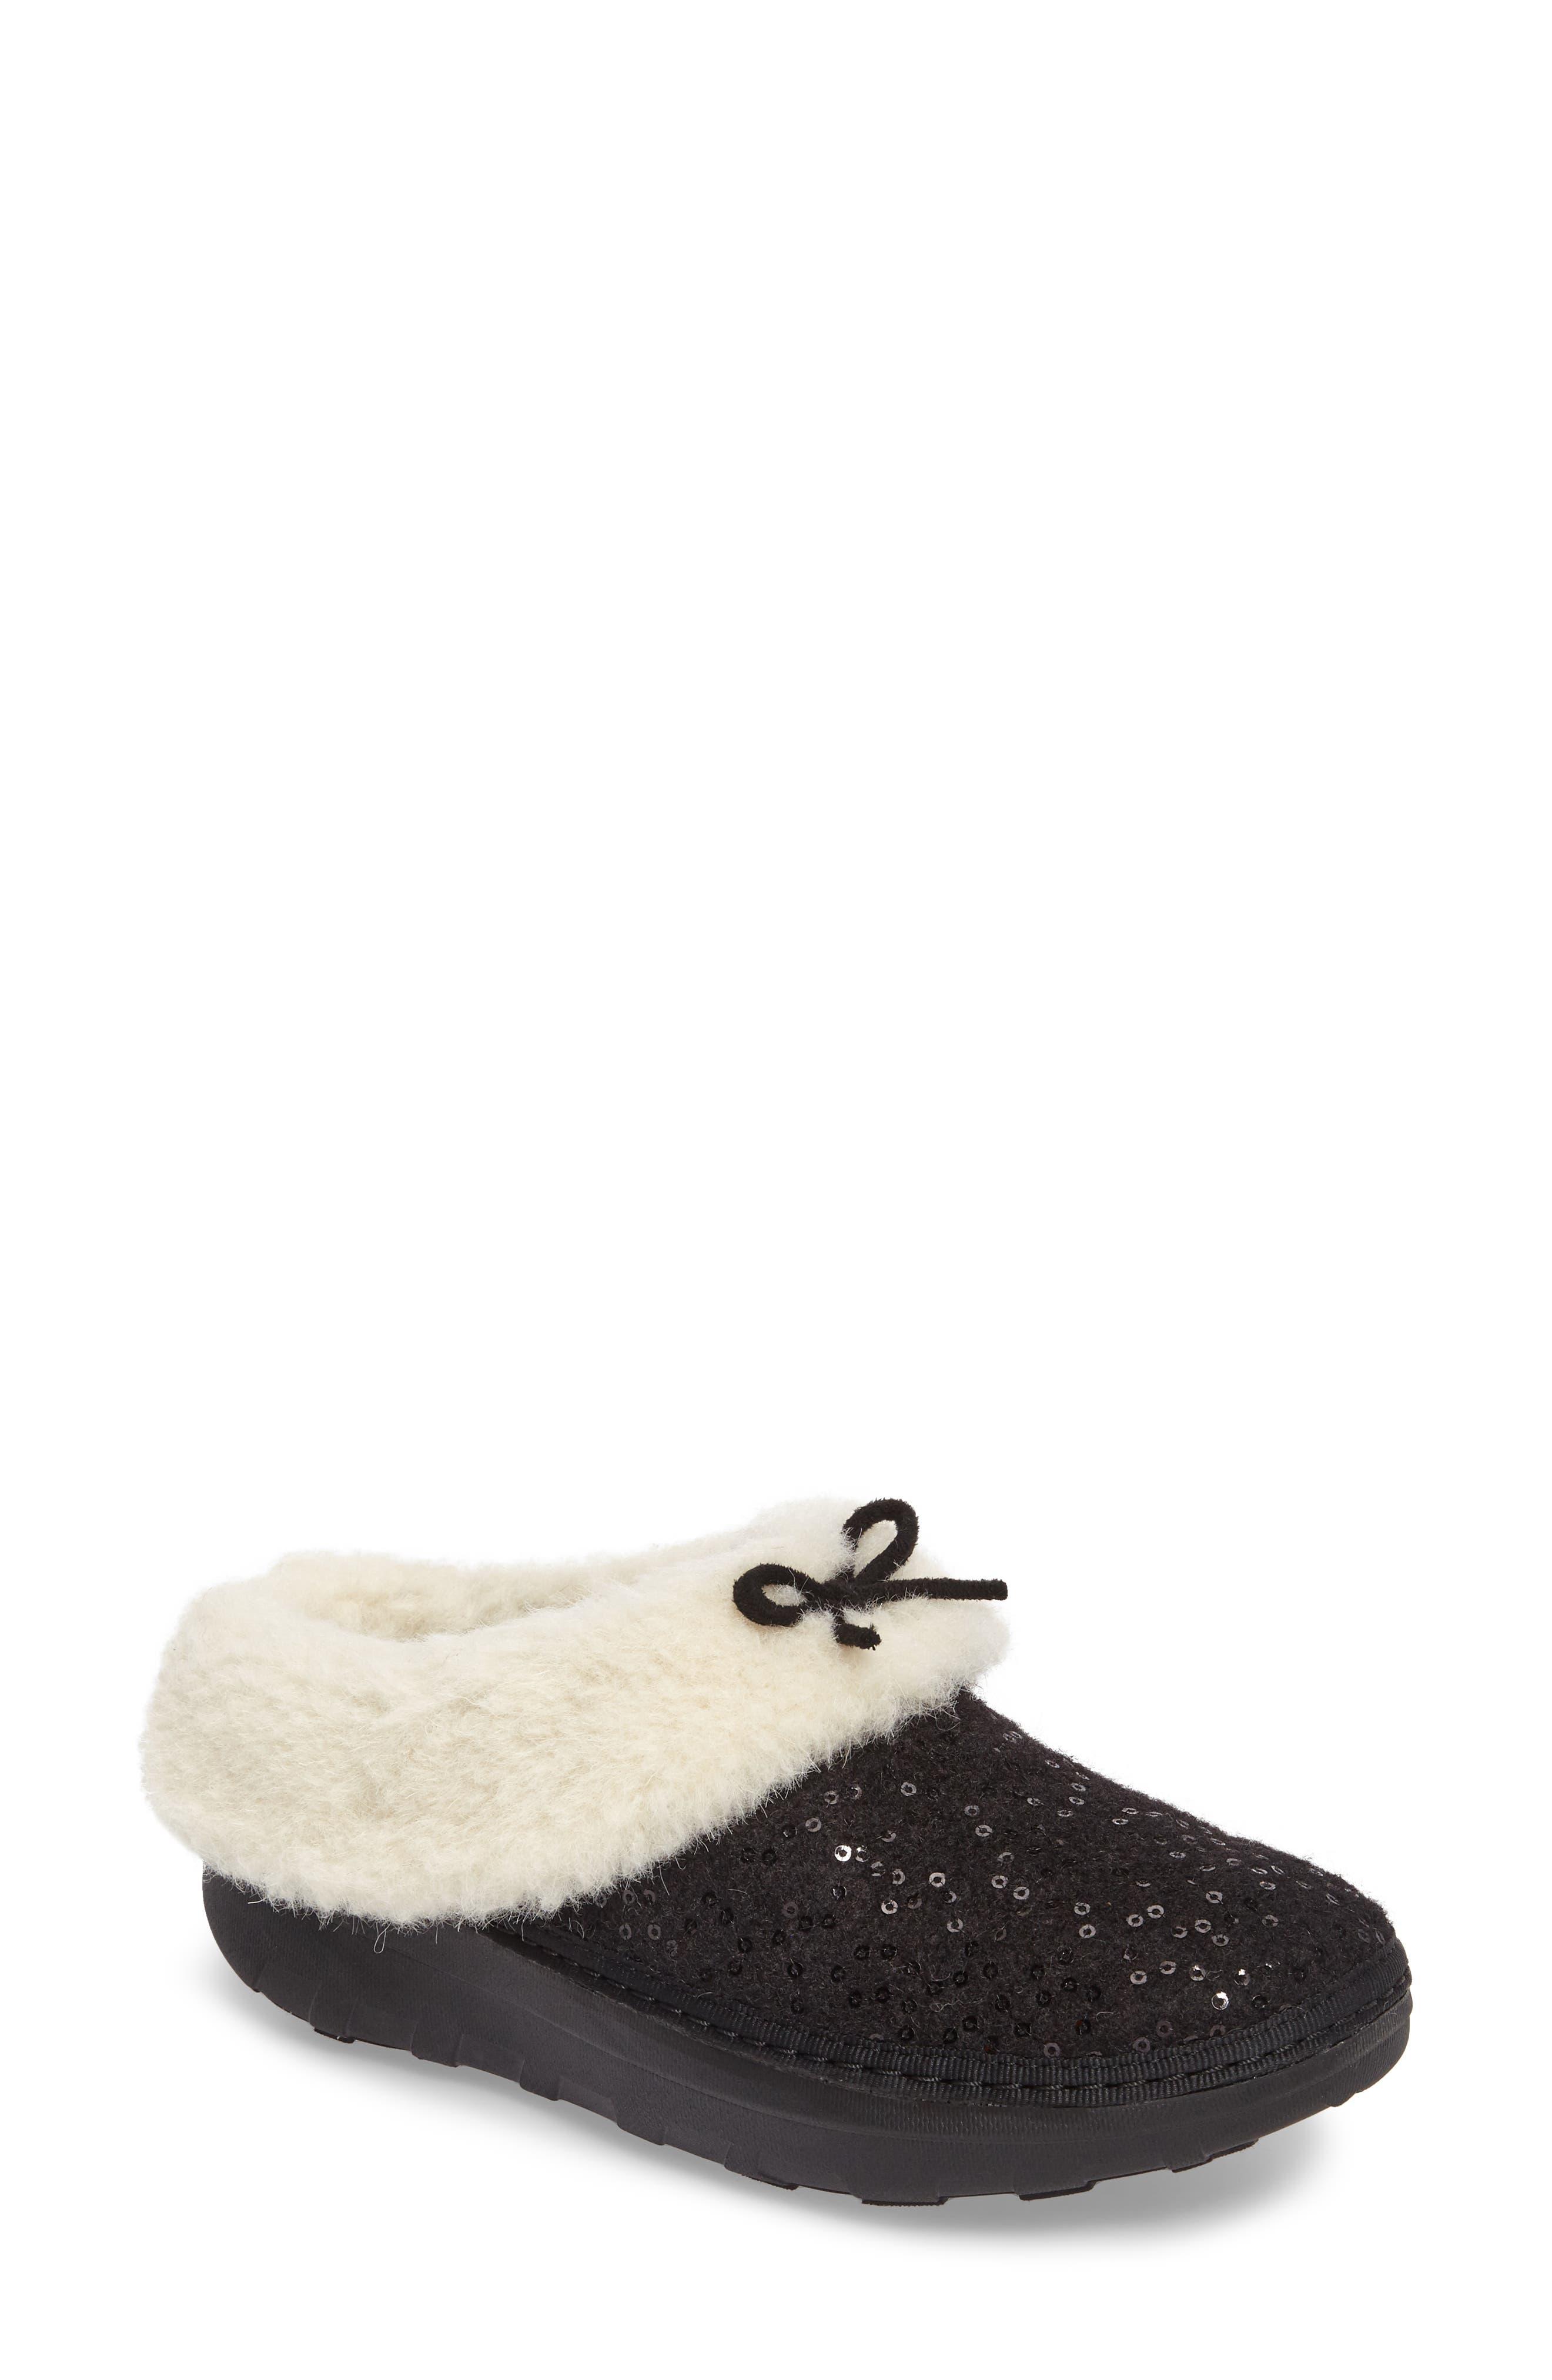 FitFlop Loaff Snug Sequin Slipper (Women)